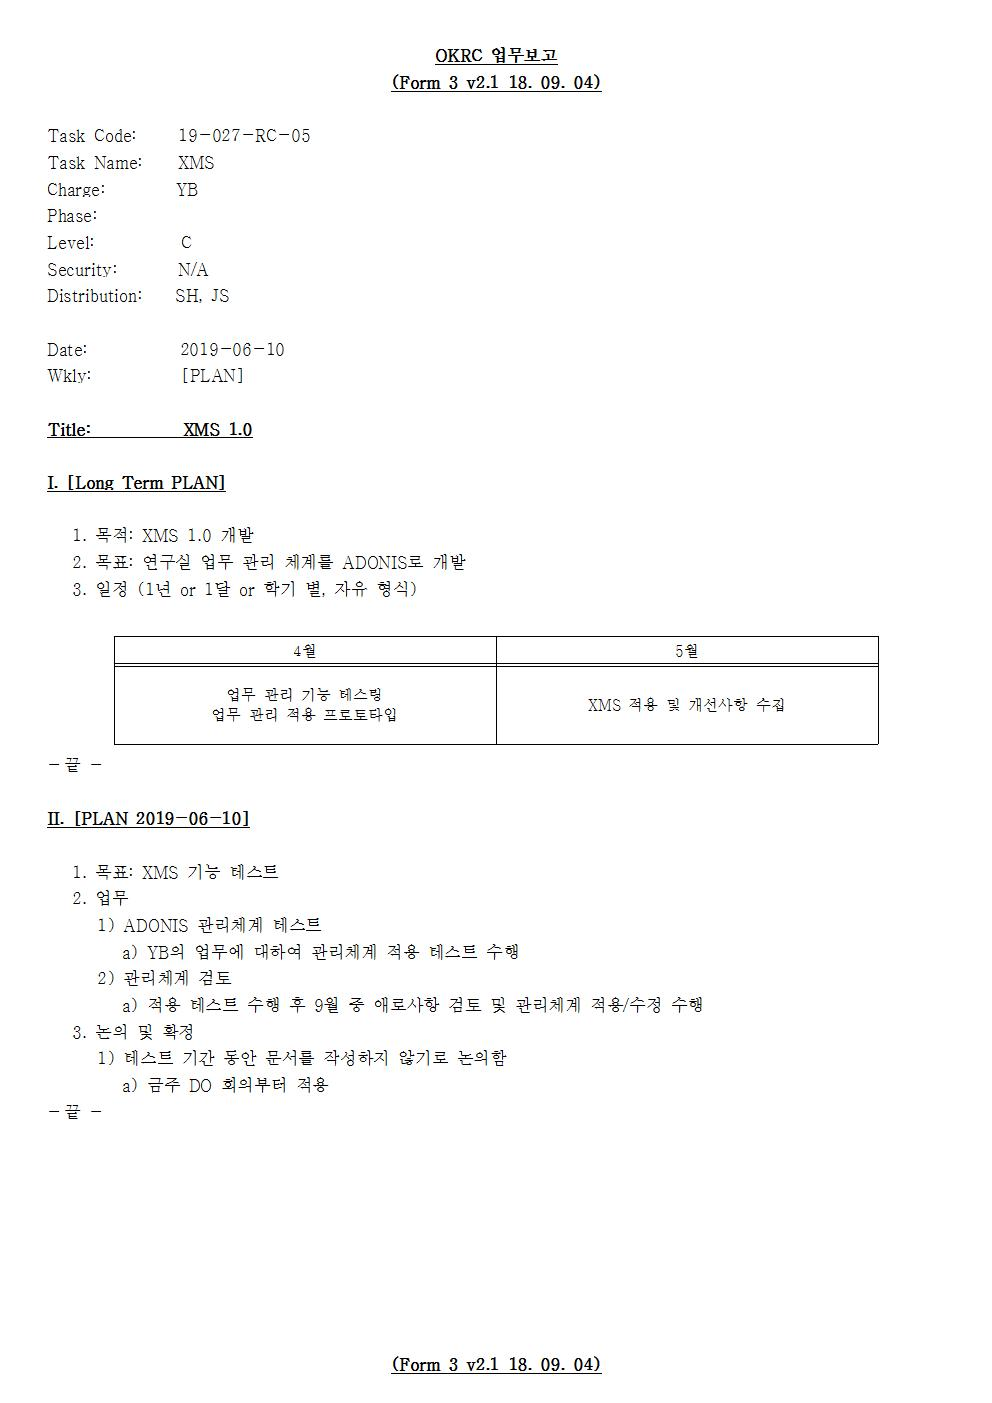 D-[19-027-RC-05]-[XMS]-[2019-06-14][YB]-[19-6-2]-[P+D+C]001.jpg